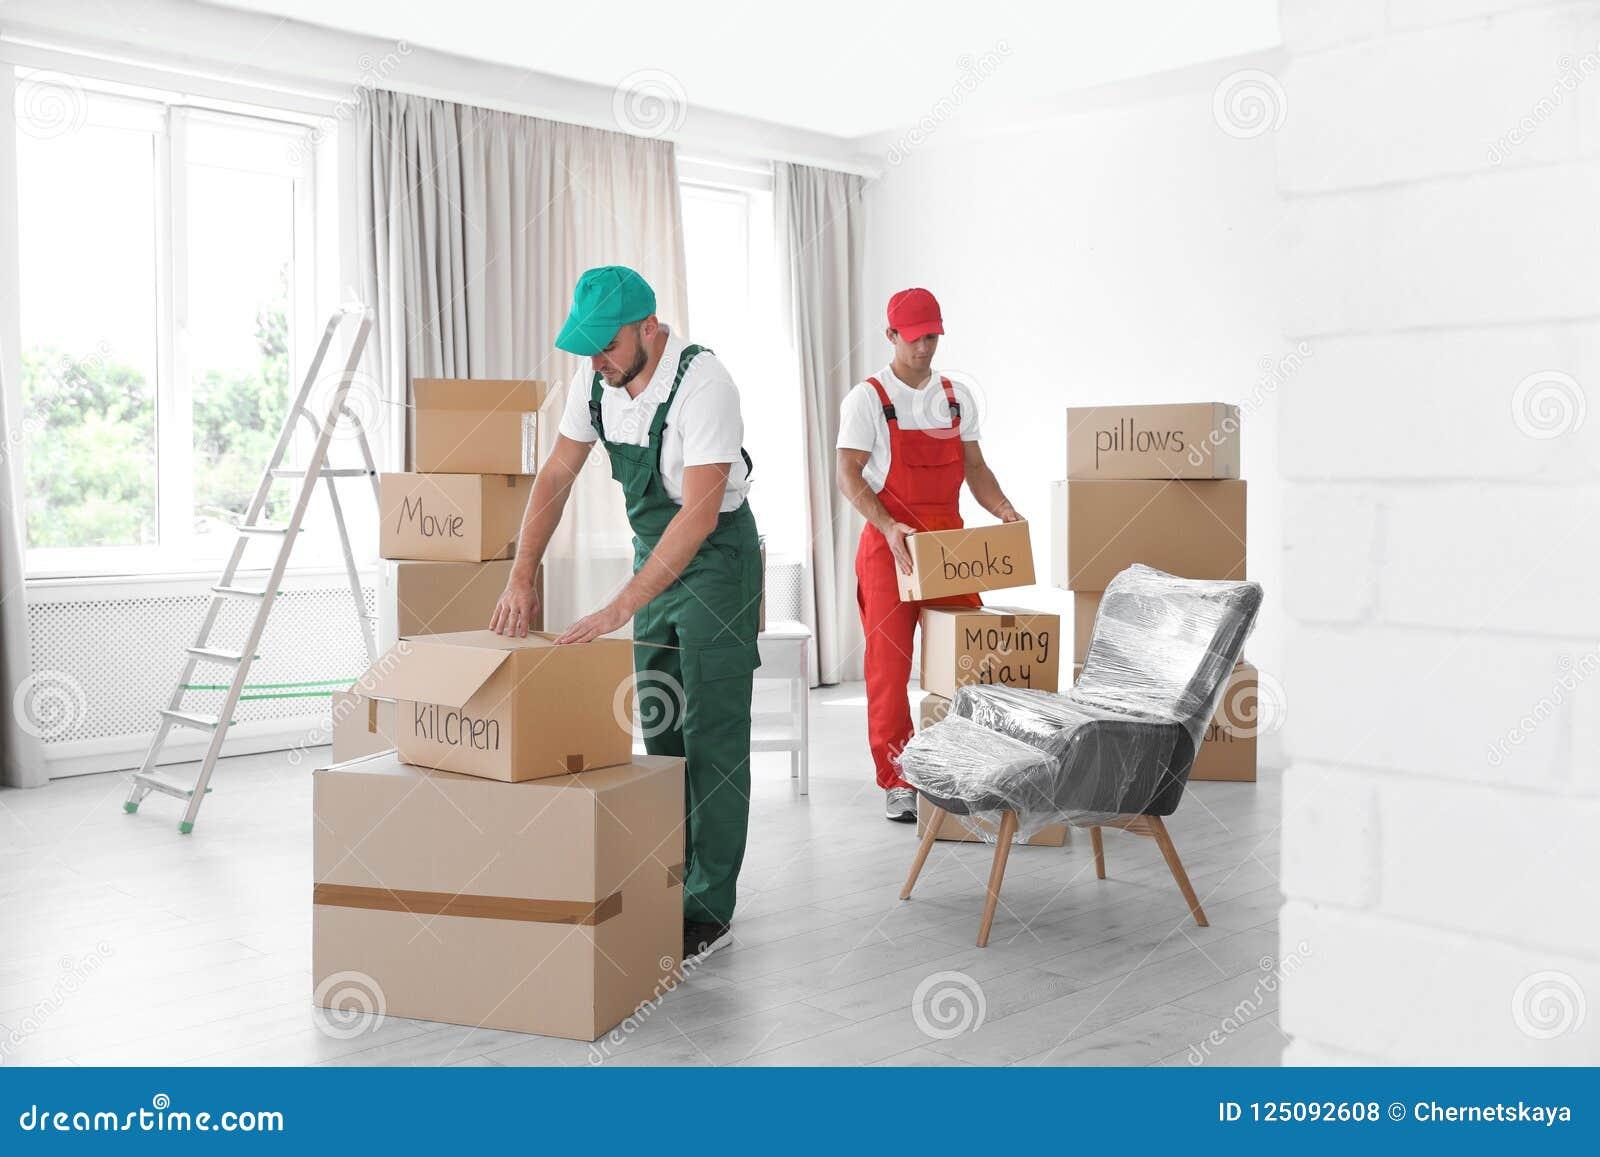 Męskie wnioskodawcy z pudełkami w domu